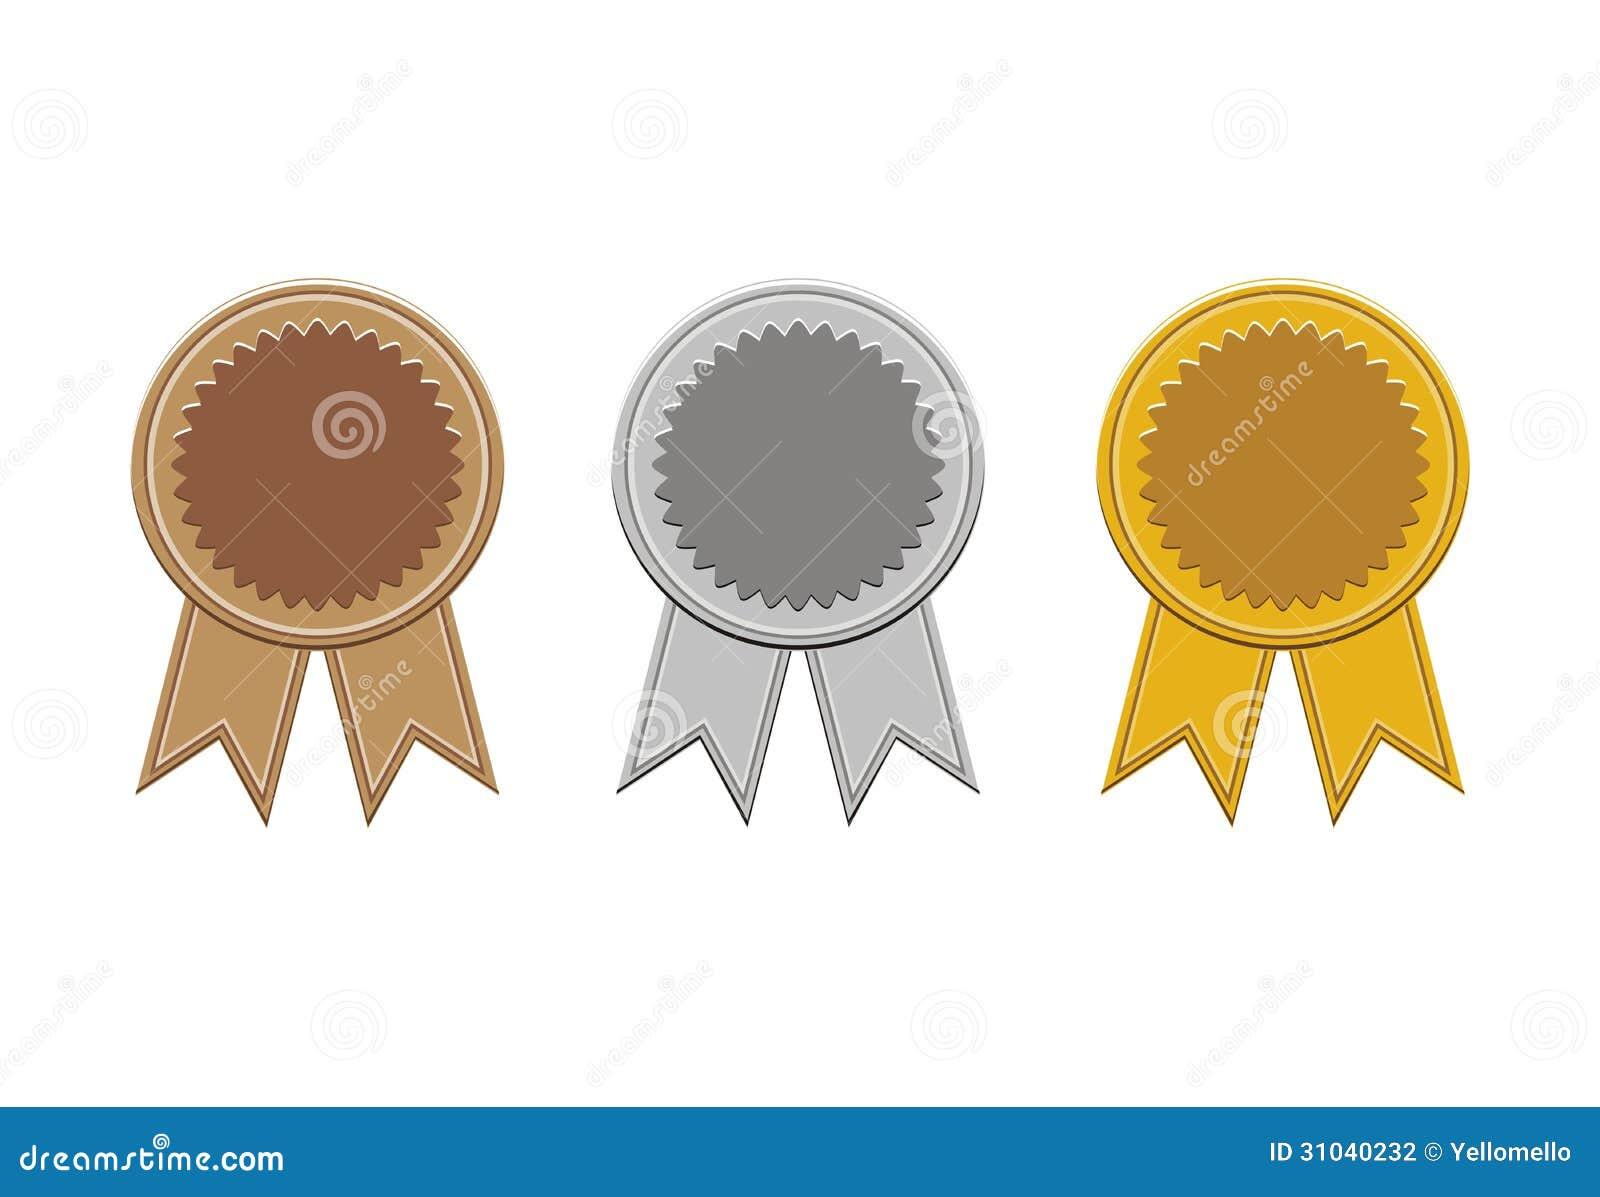 Bronce, plata, y medallas de oro